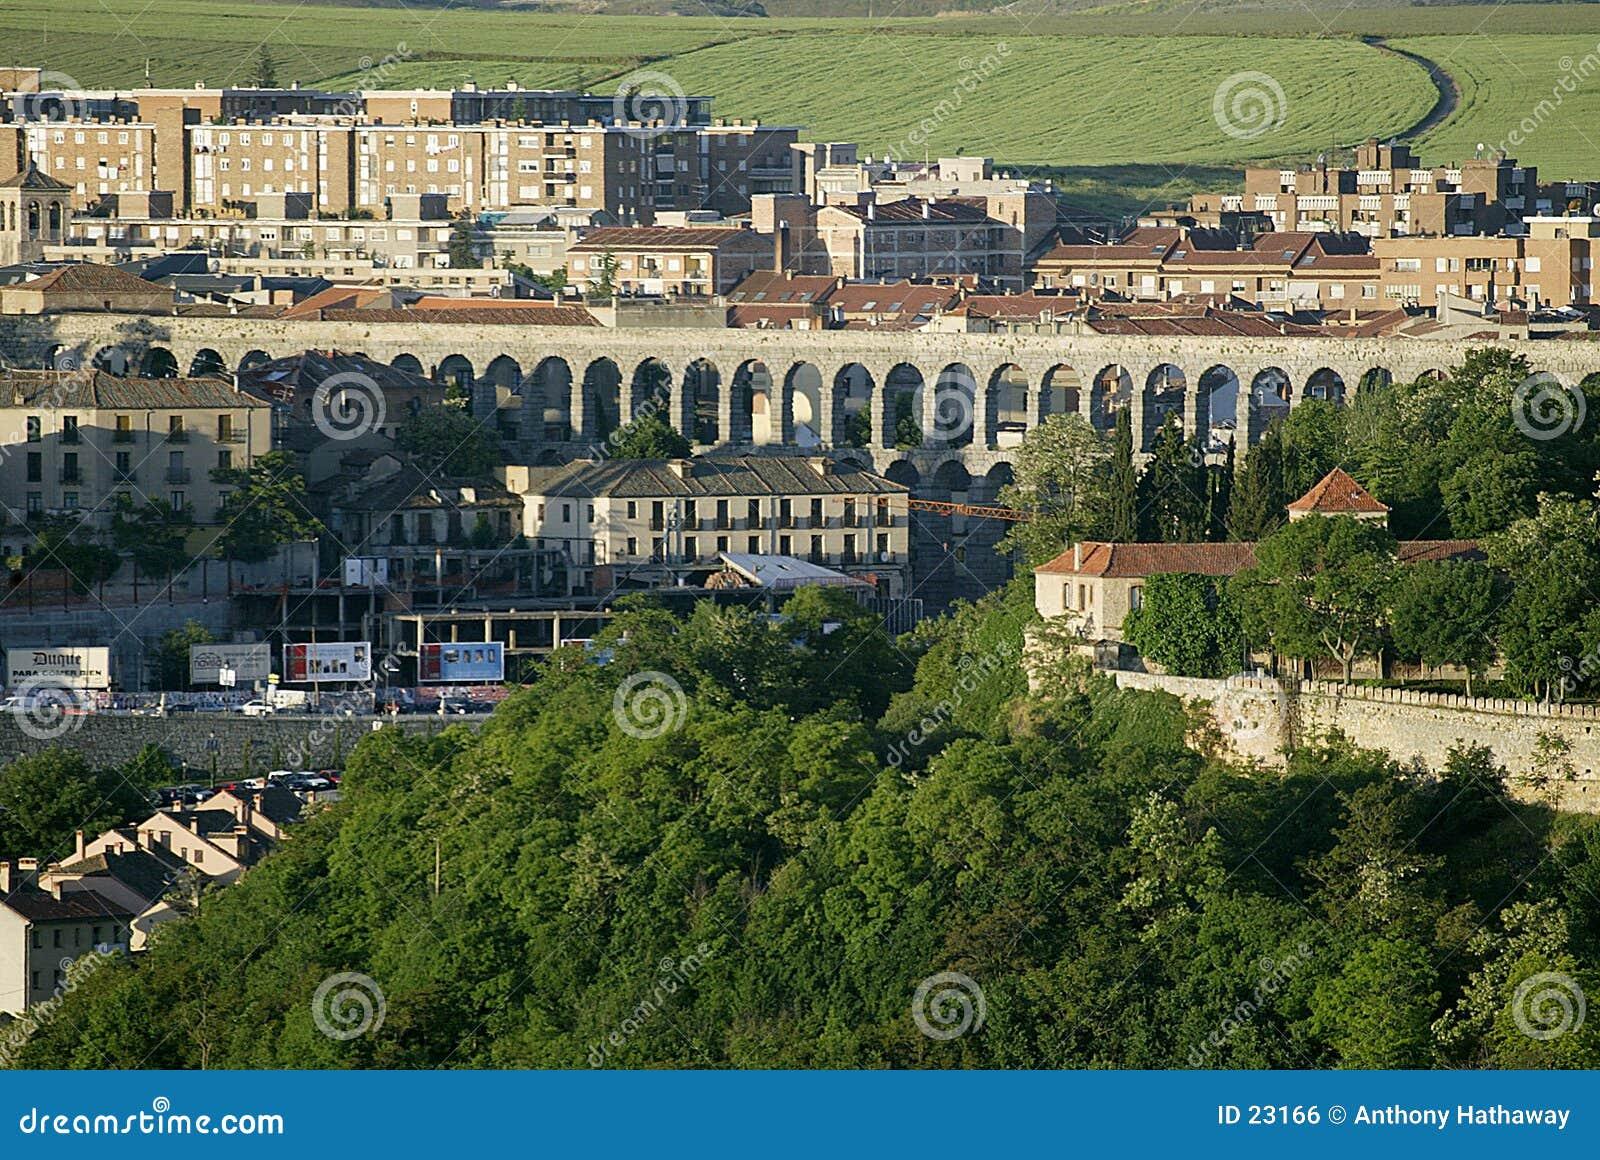 Aquädukt in Segovia, Spanien